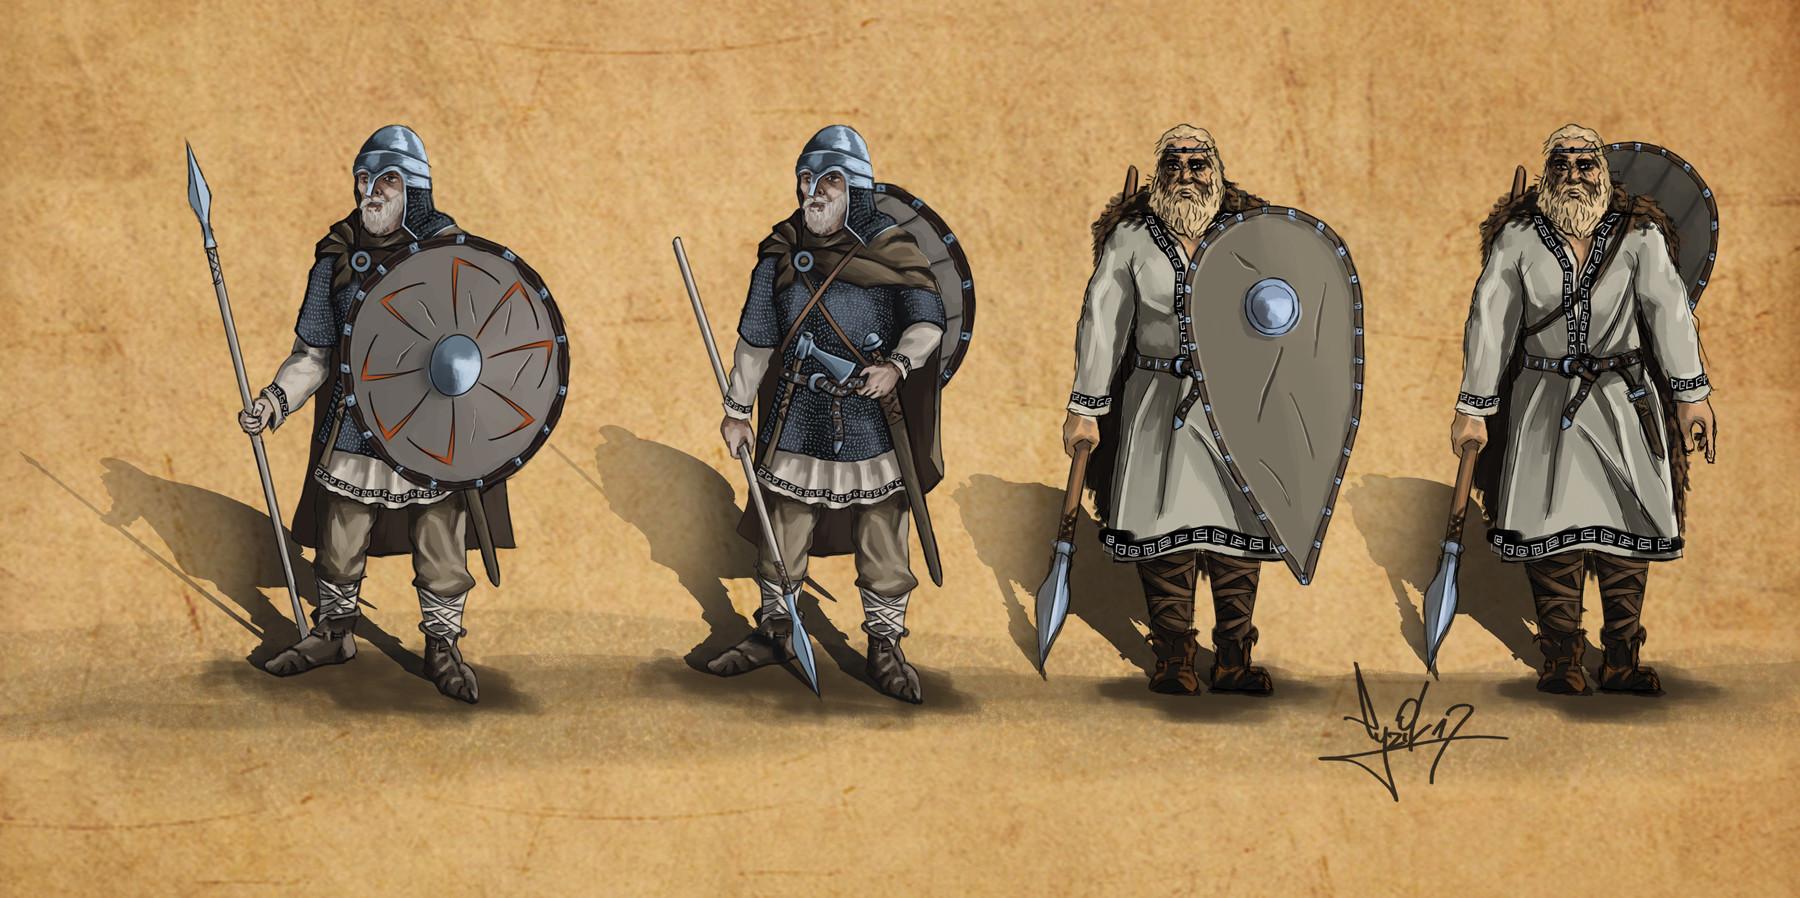 krzysztof-pyzik-slavic-warriors